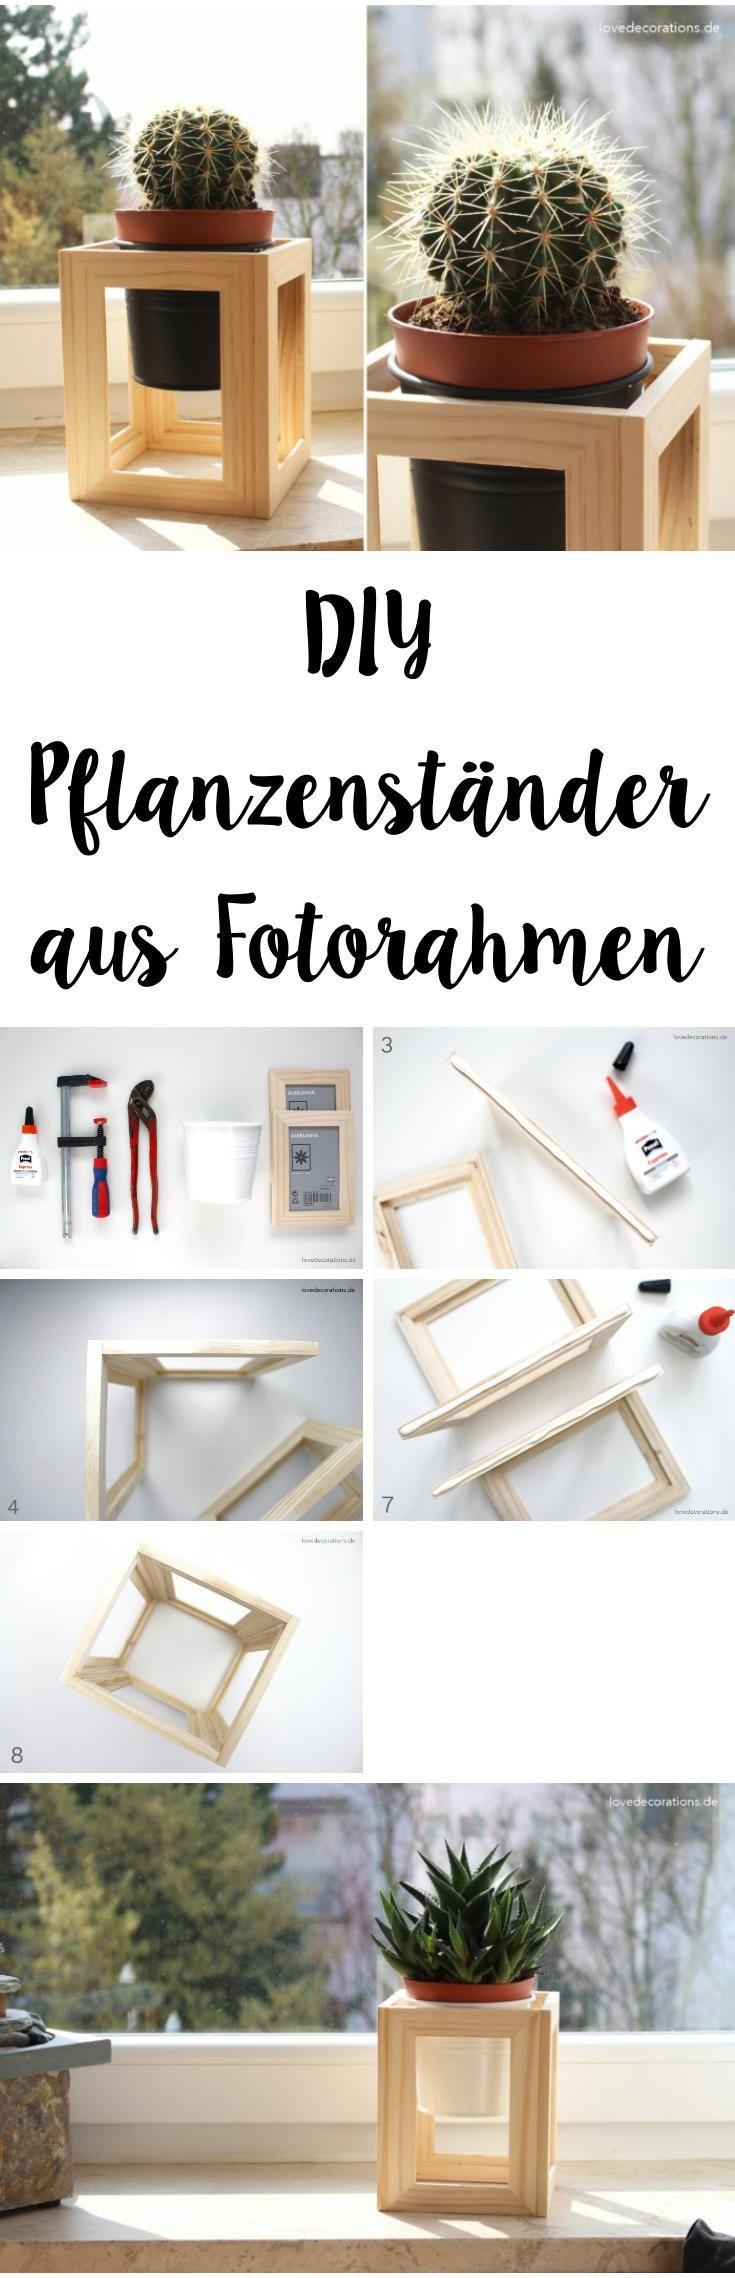 Atemberaubend Diy Fotorahmen Galerie - Rahmen Ideen ...